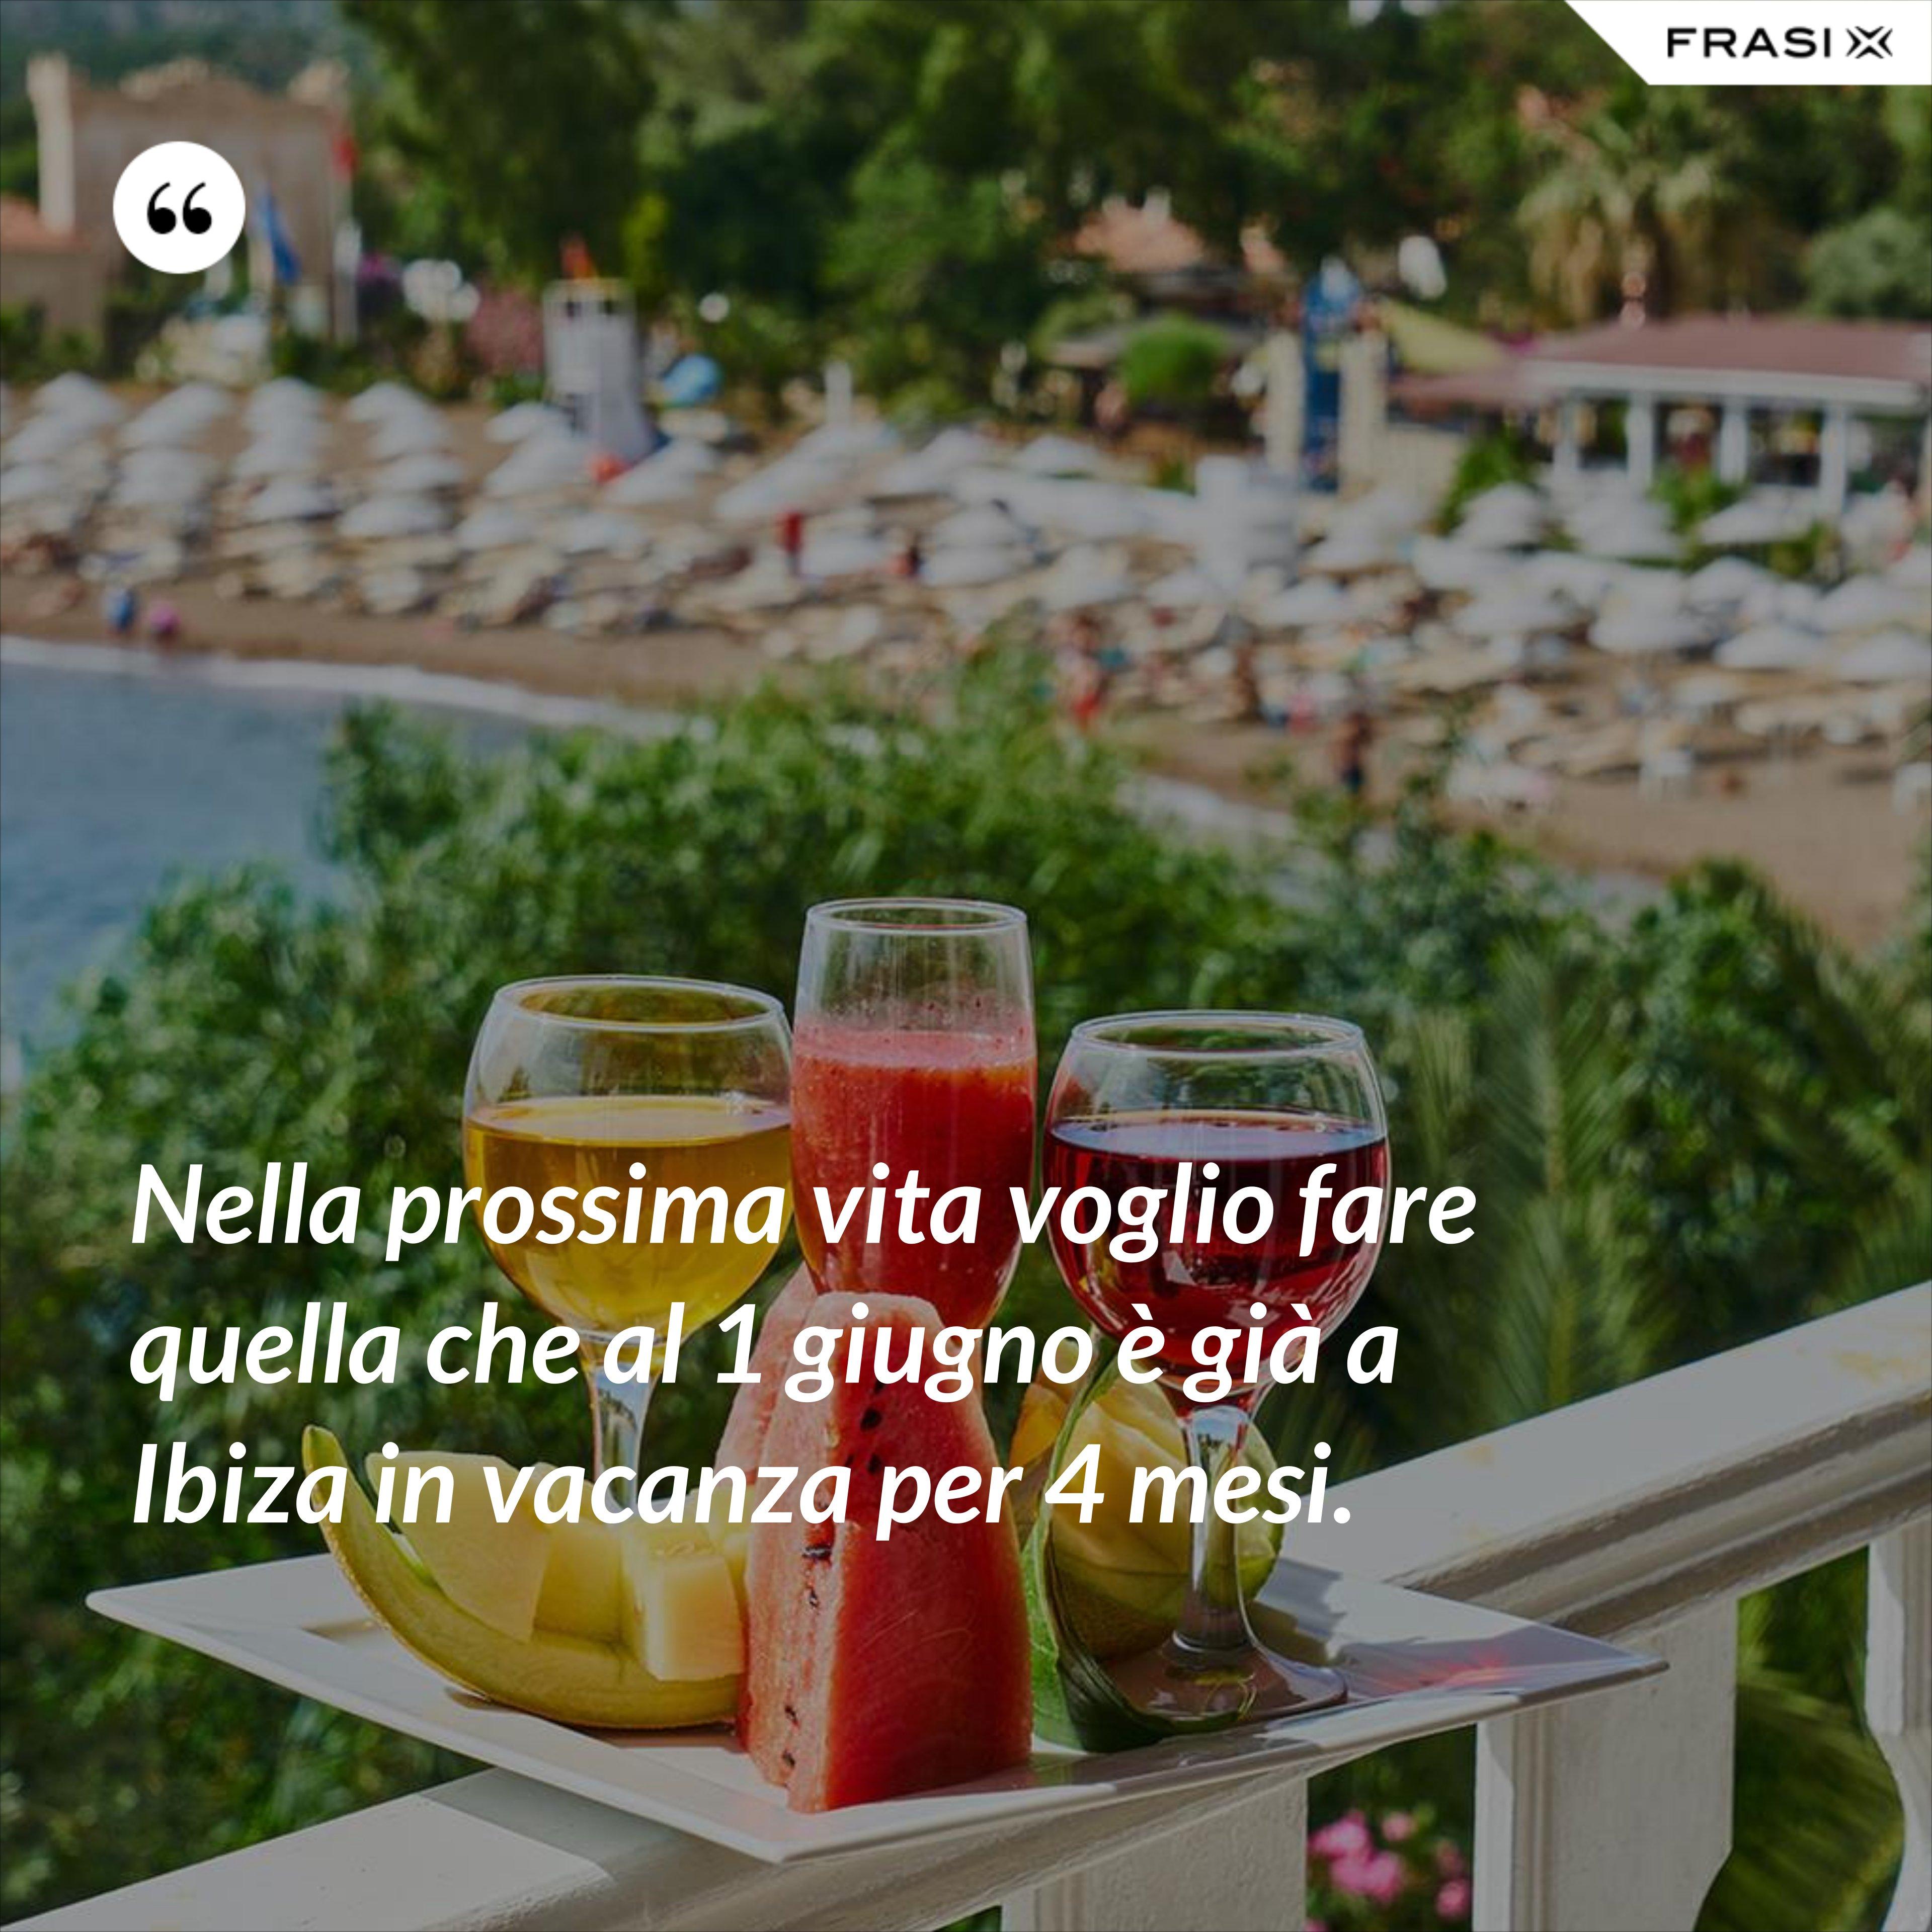 Nella prossima vita voglio fare quella che al 1 giugno è già a Ibiza in vacanza per 4 mesi. - Anonimo